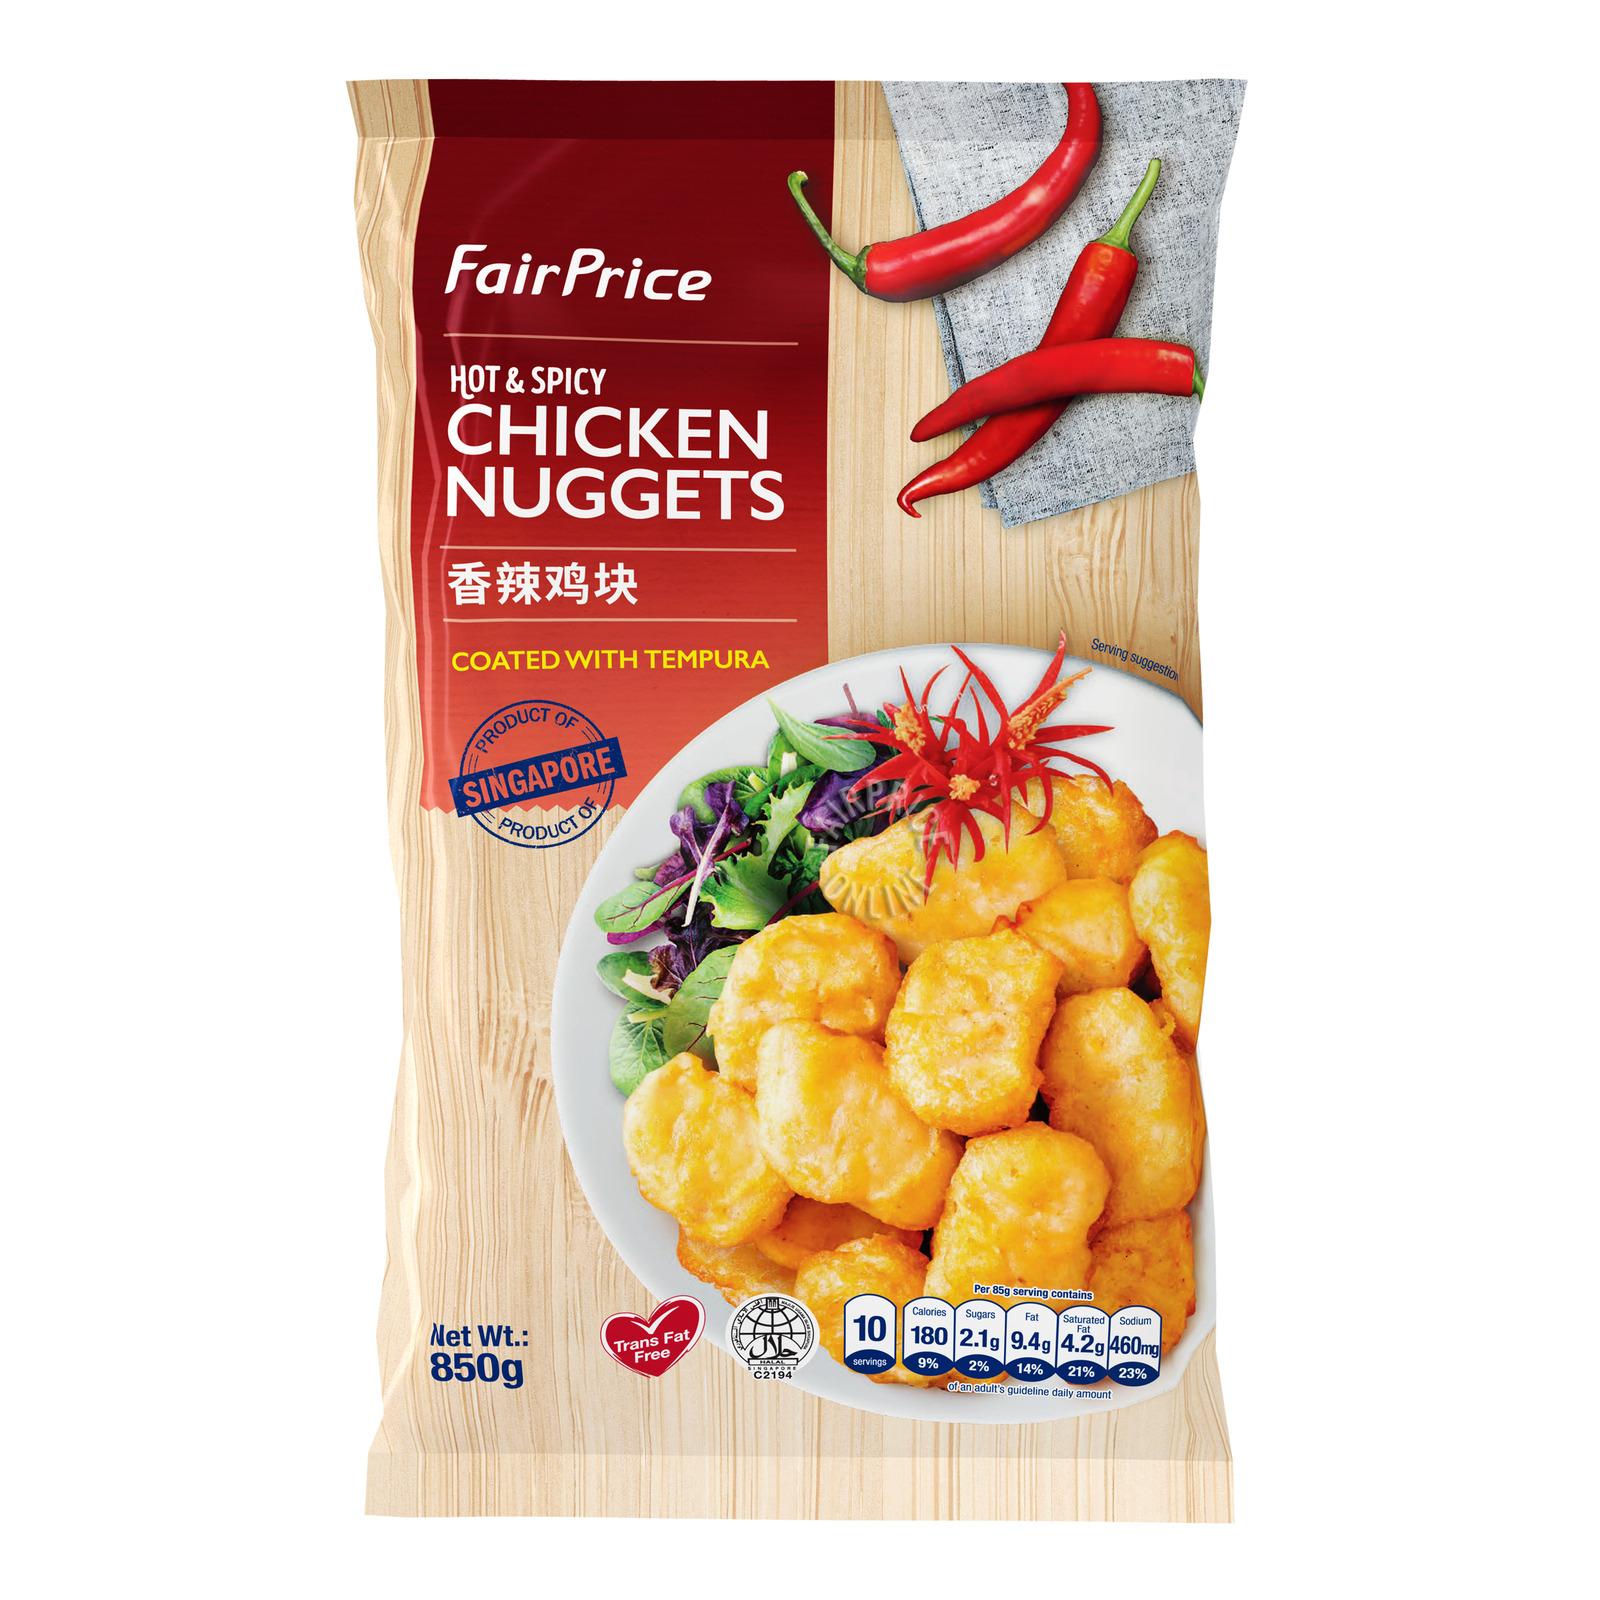 FairPrice Frozen Chicken Nuggets - Hot & Spicy